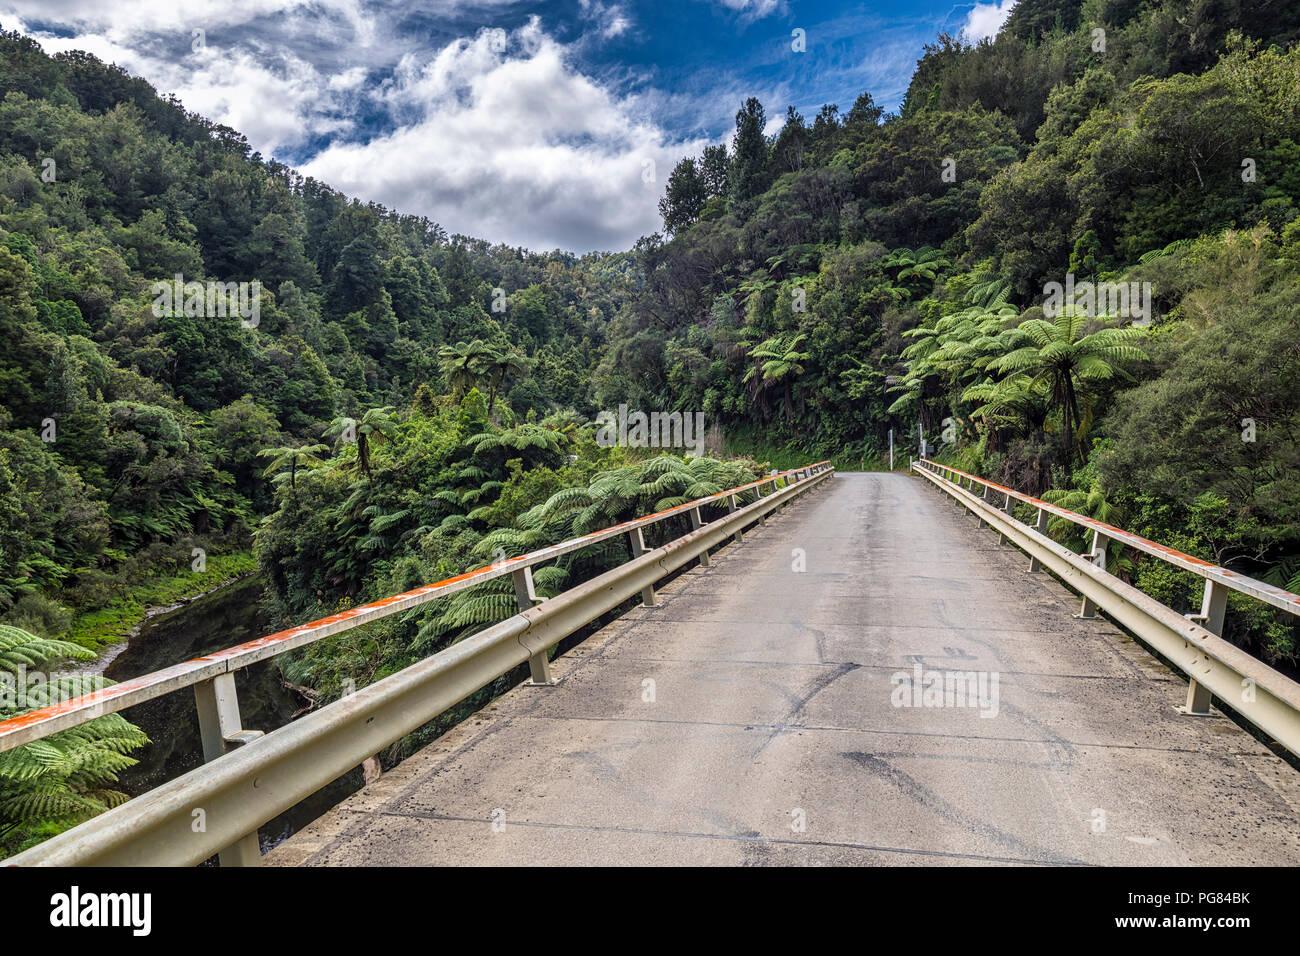 Nouvelle Zélande, île du Nord, Taranaki, monde oublié Autoroute Photo Stock